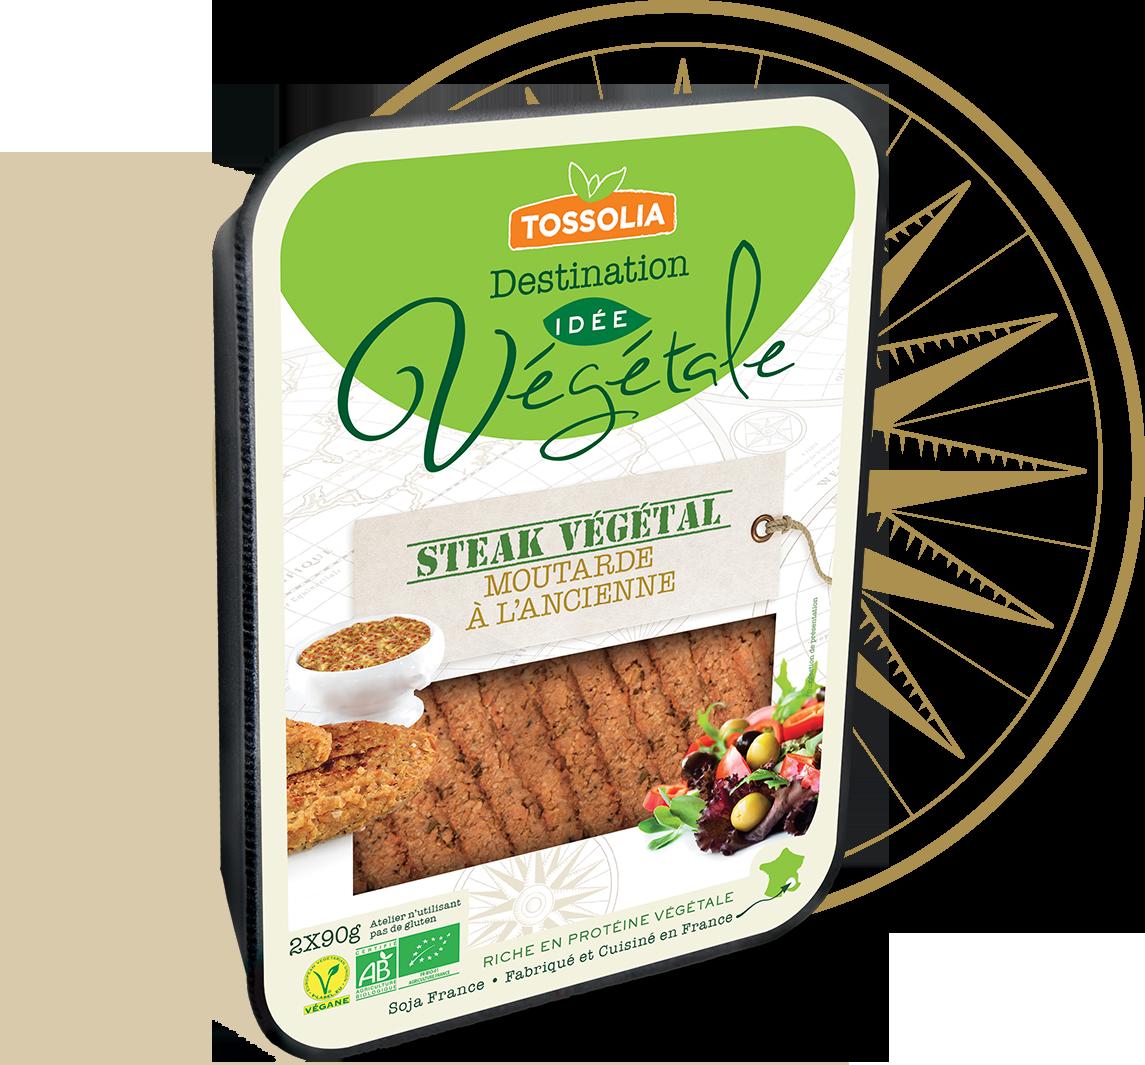 Steak végétal moutarde à l'ancienne